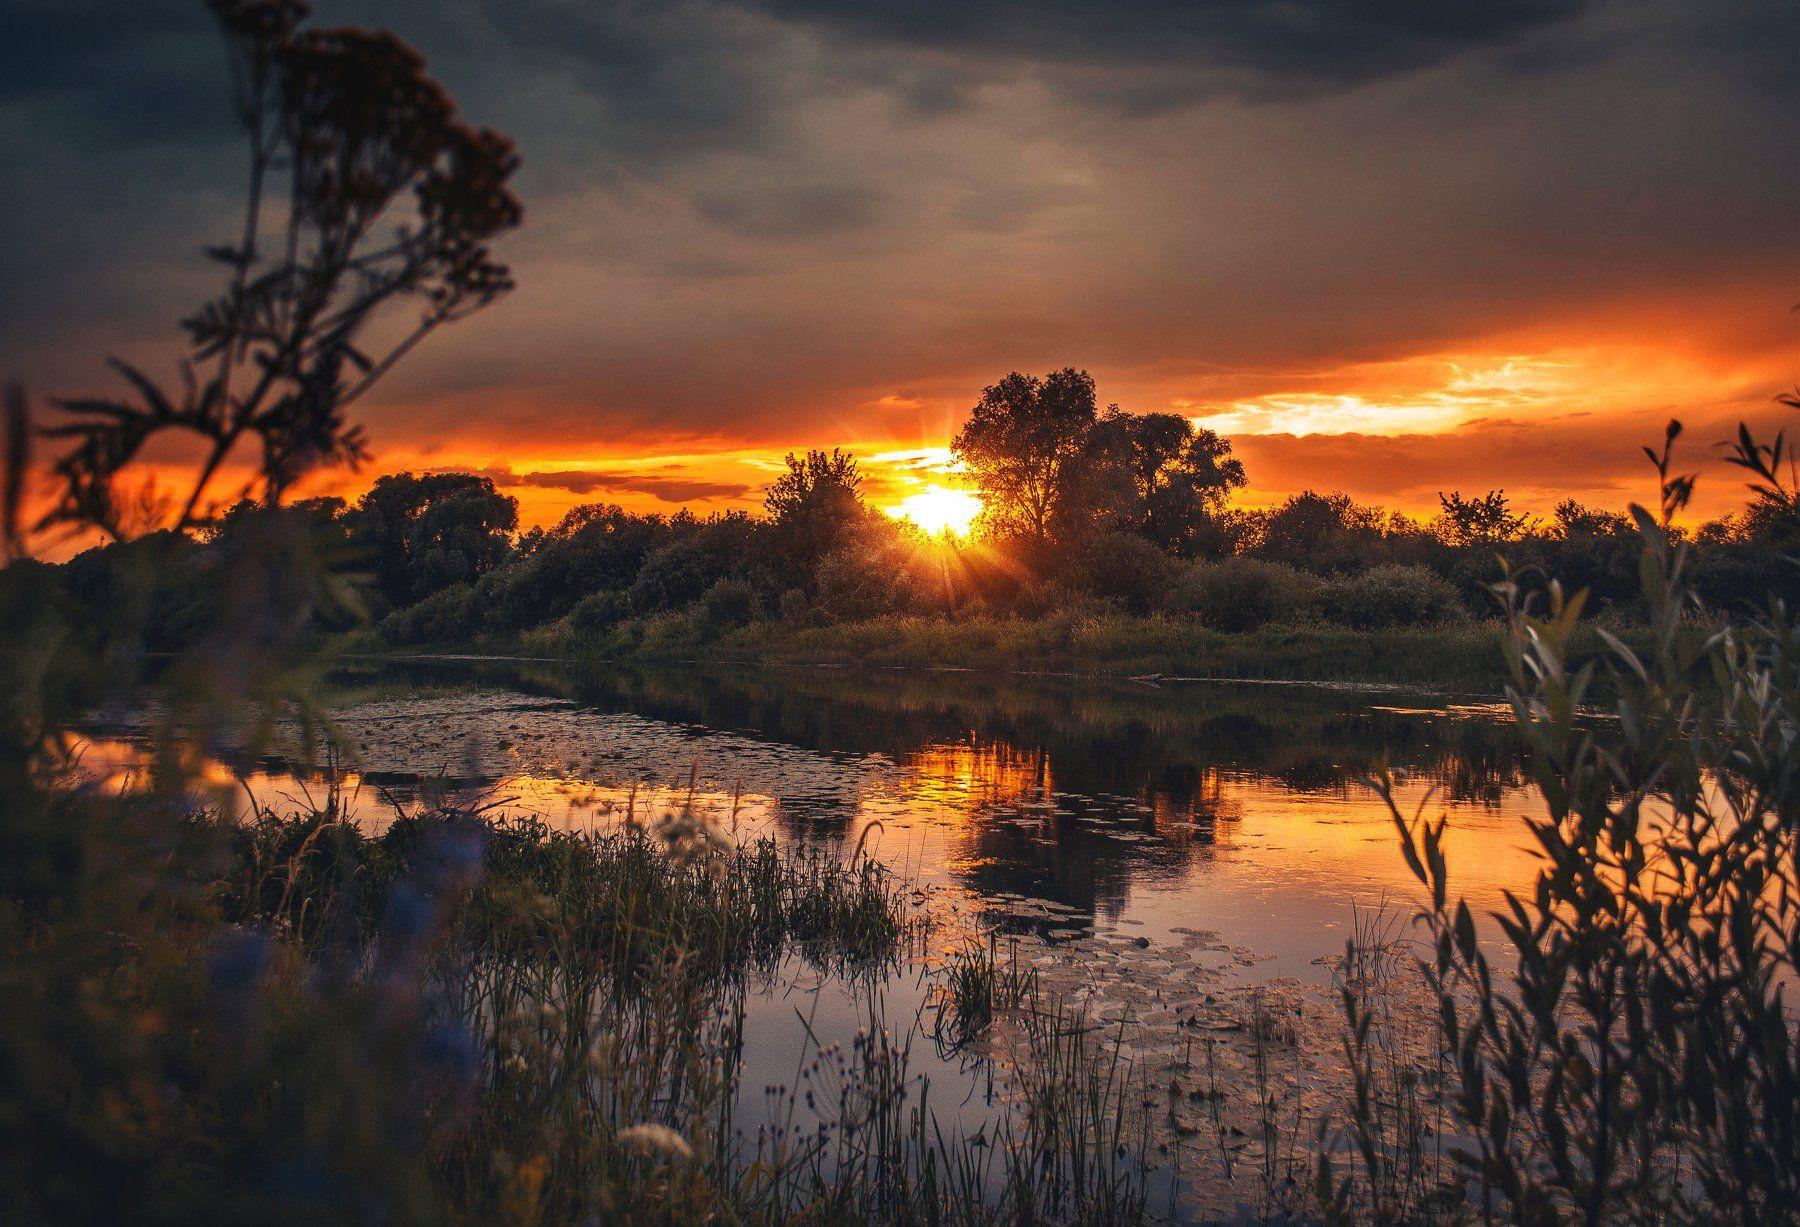 фото, природа, закат, пейзаж, Екатерина